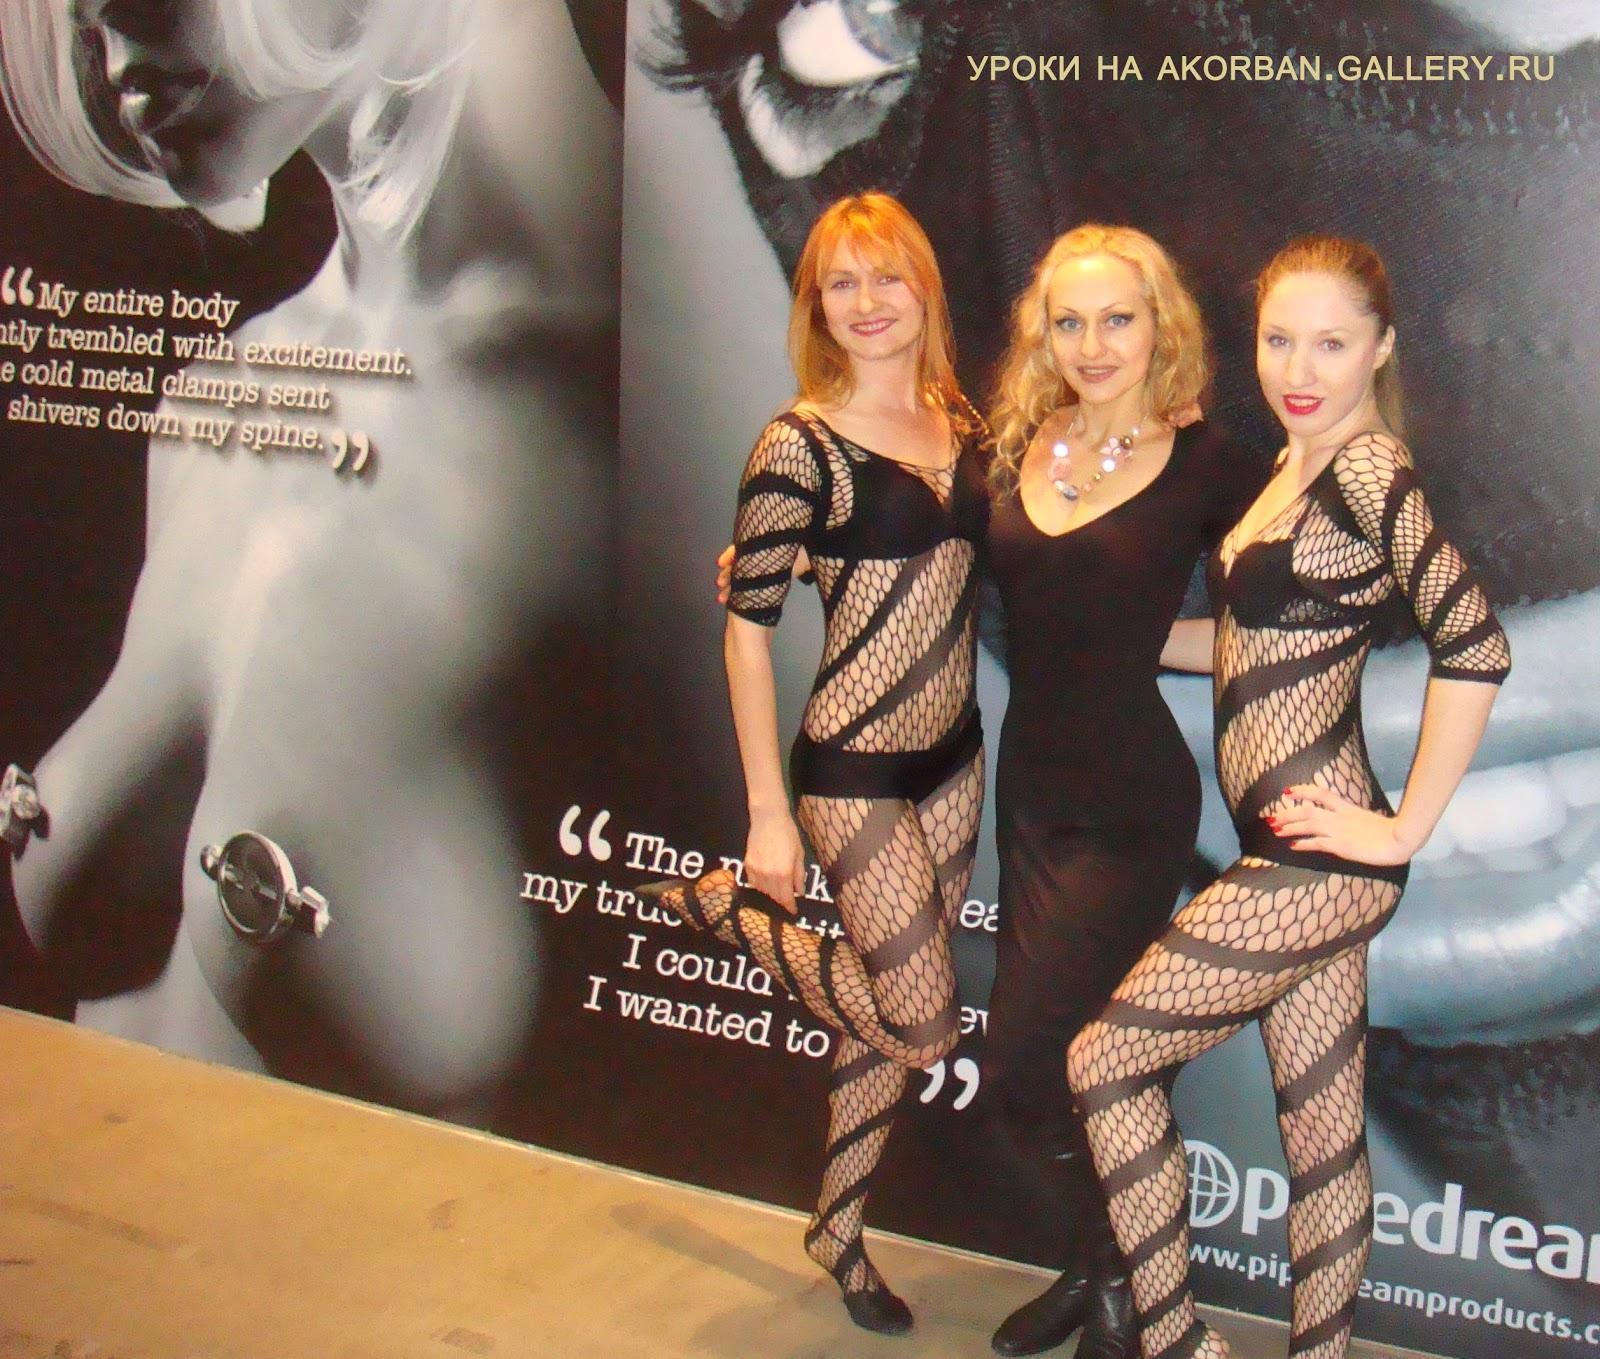 Эротичный танец уроки 30 фотография